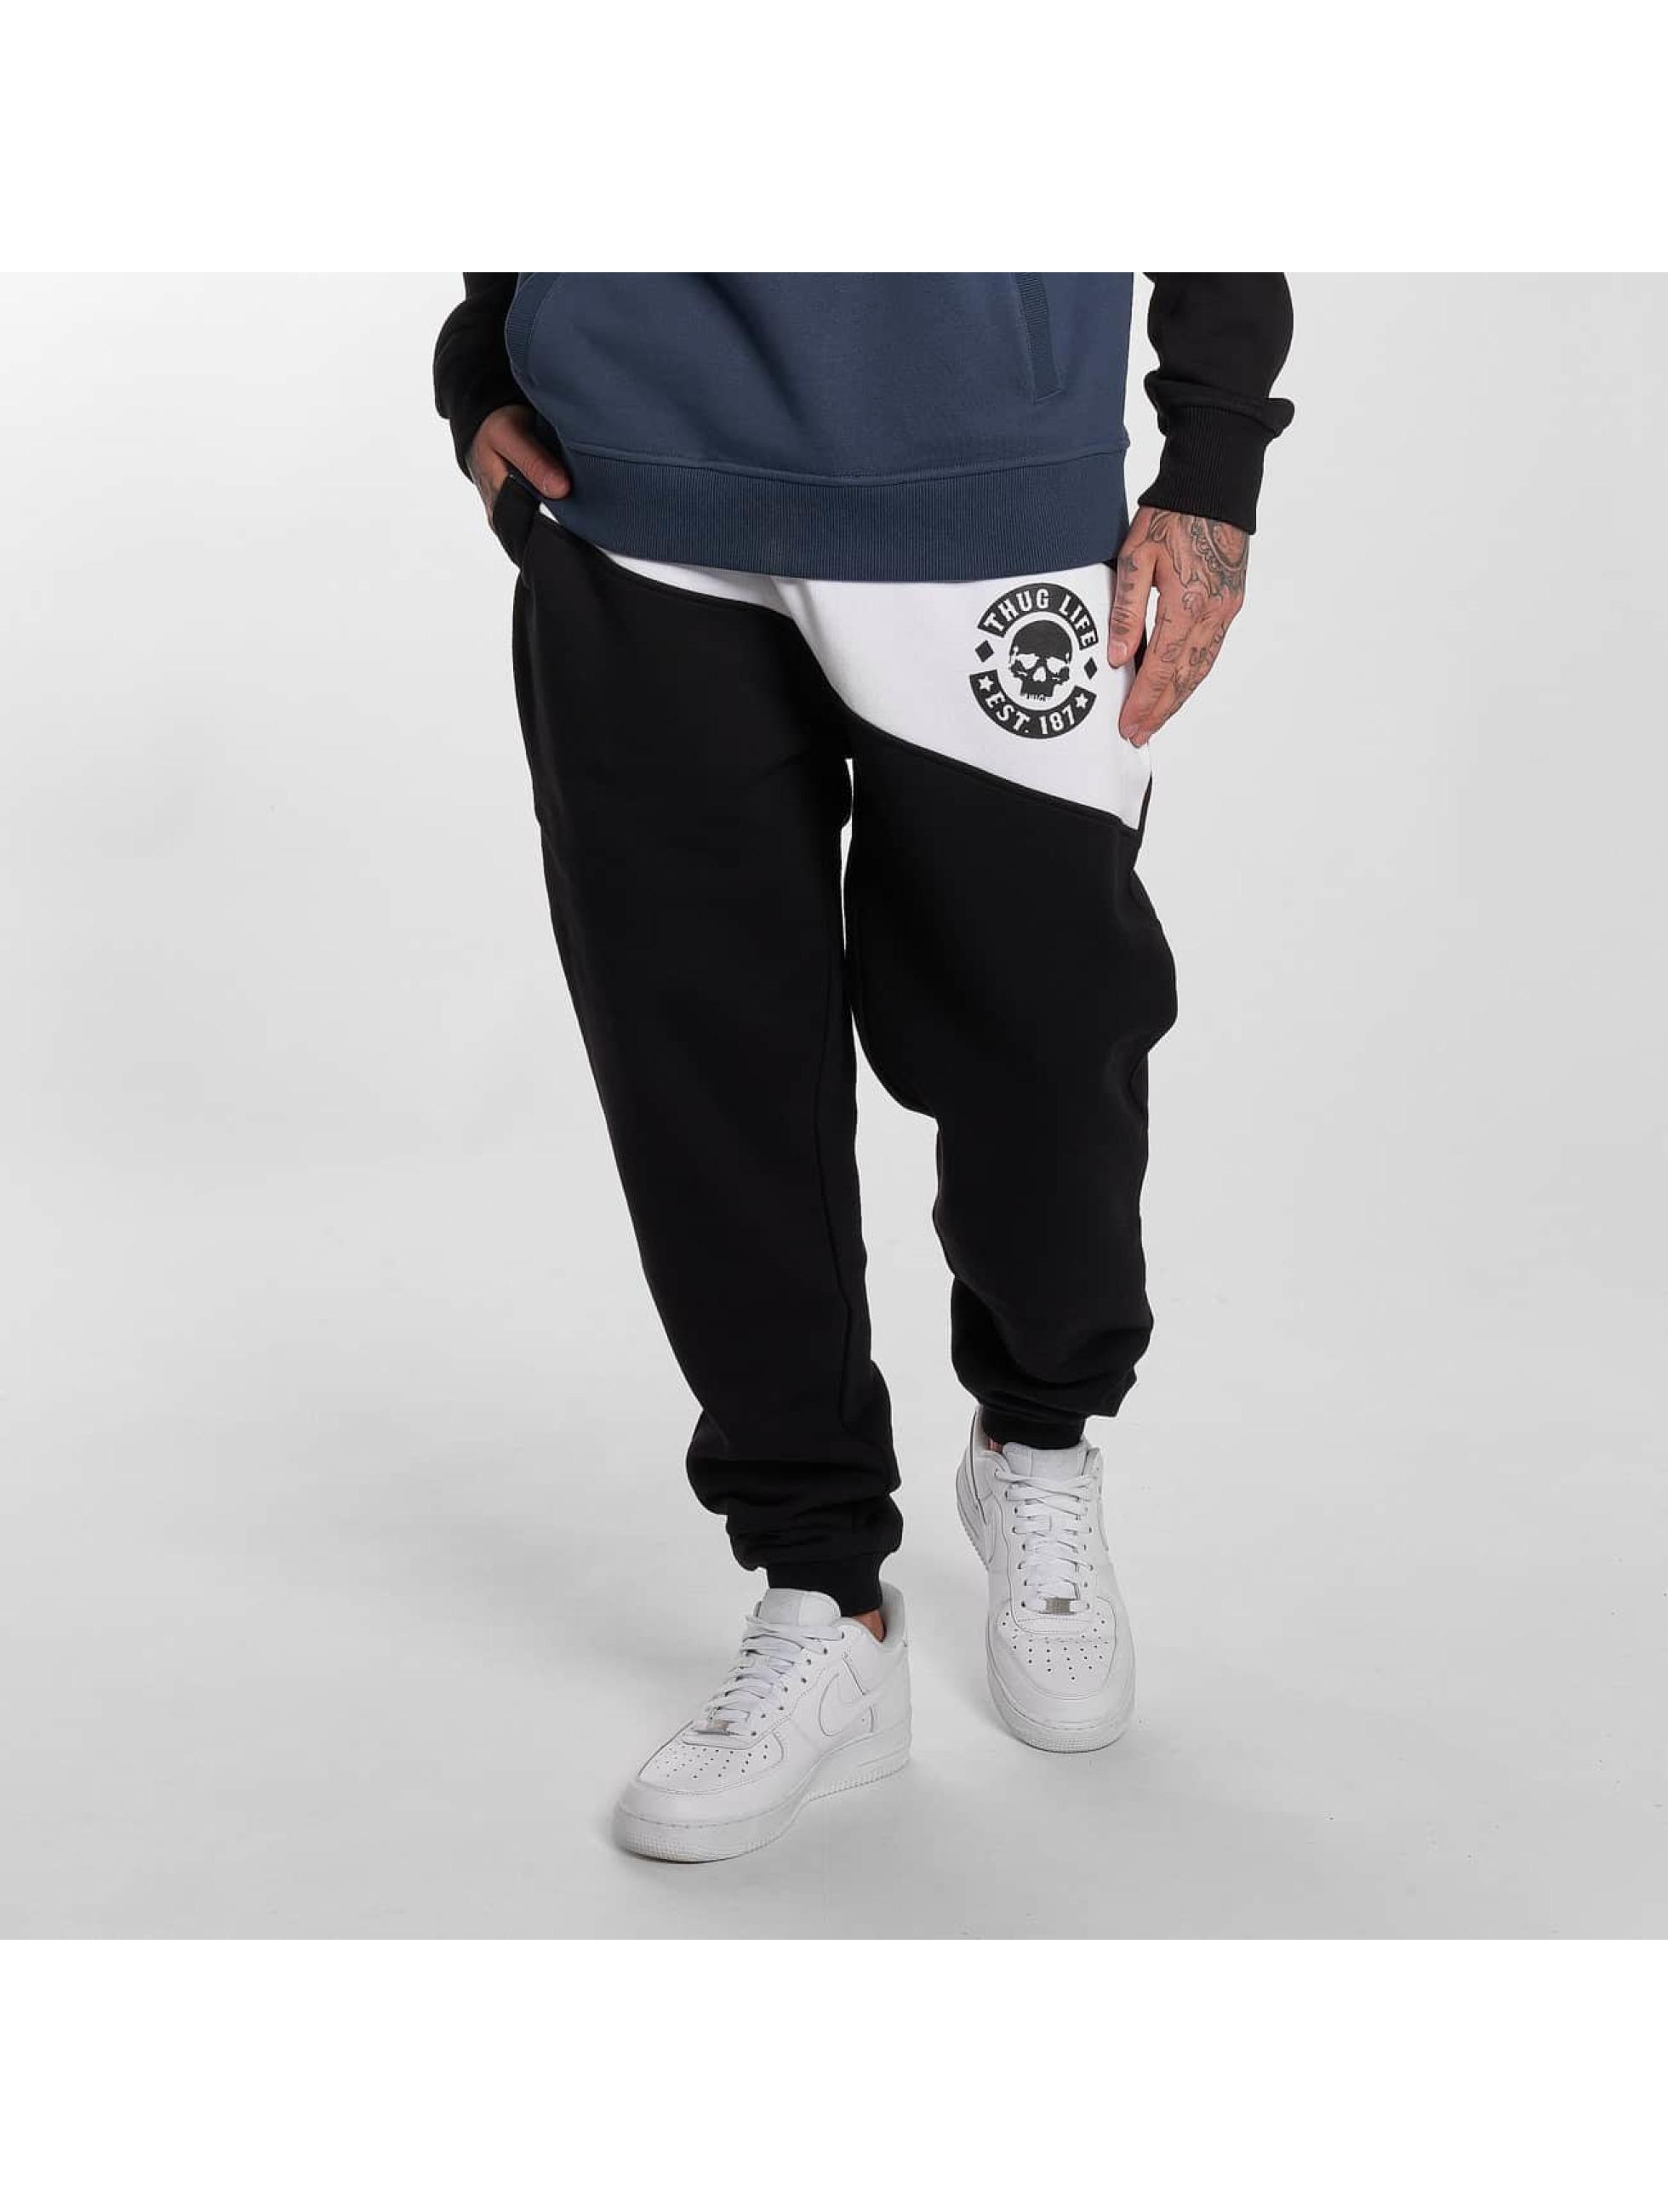 Thug Life / Sweat Pant Lion in black XL